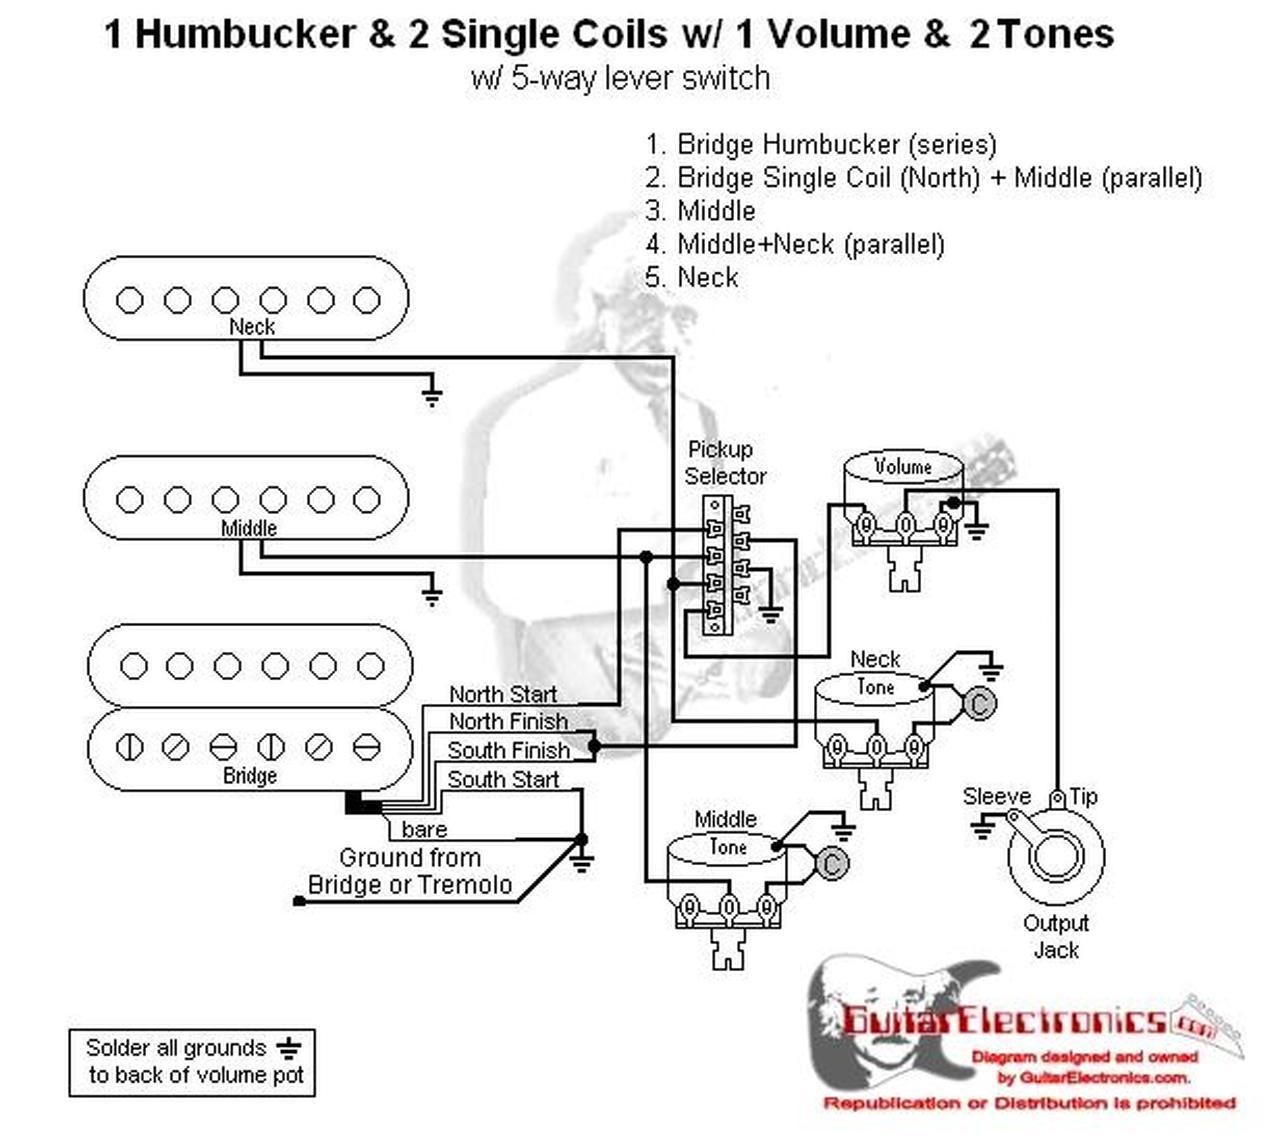 dk_0582] 2 humbucker 1 single coil wiring diagrams download diagram  otene apom cette mohammedshrine librar wiring 101